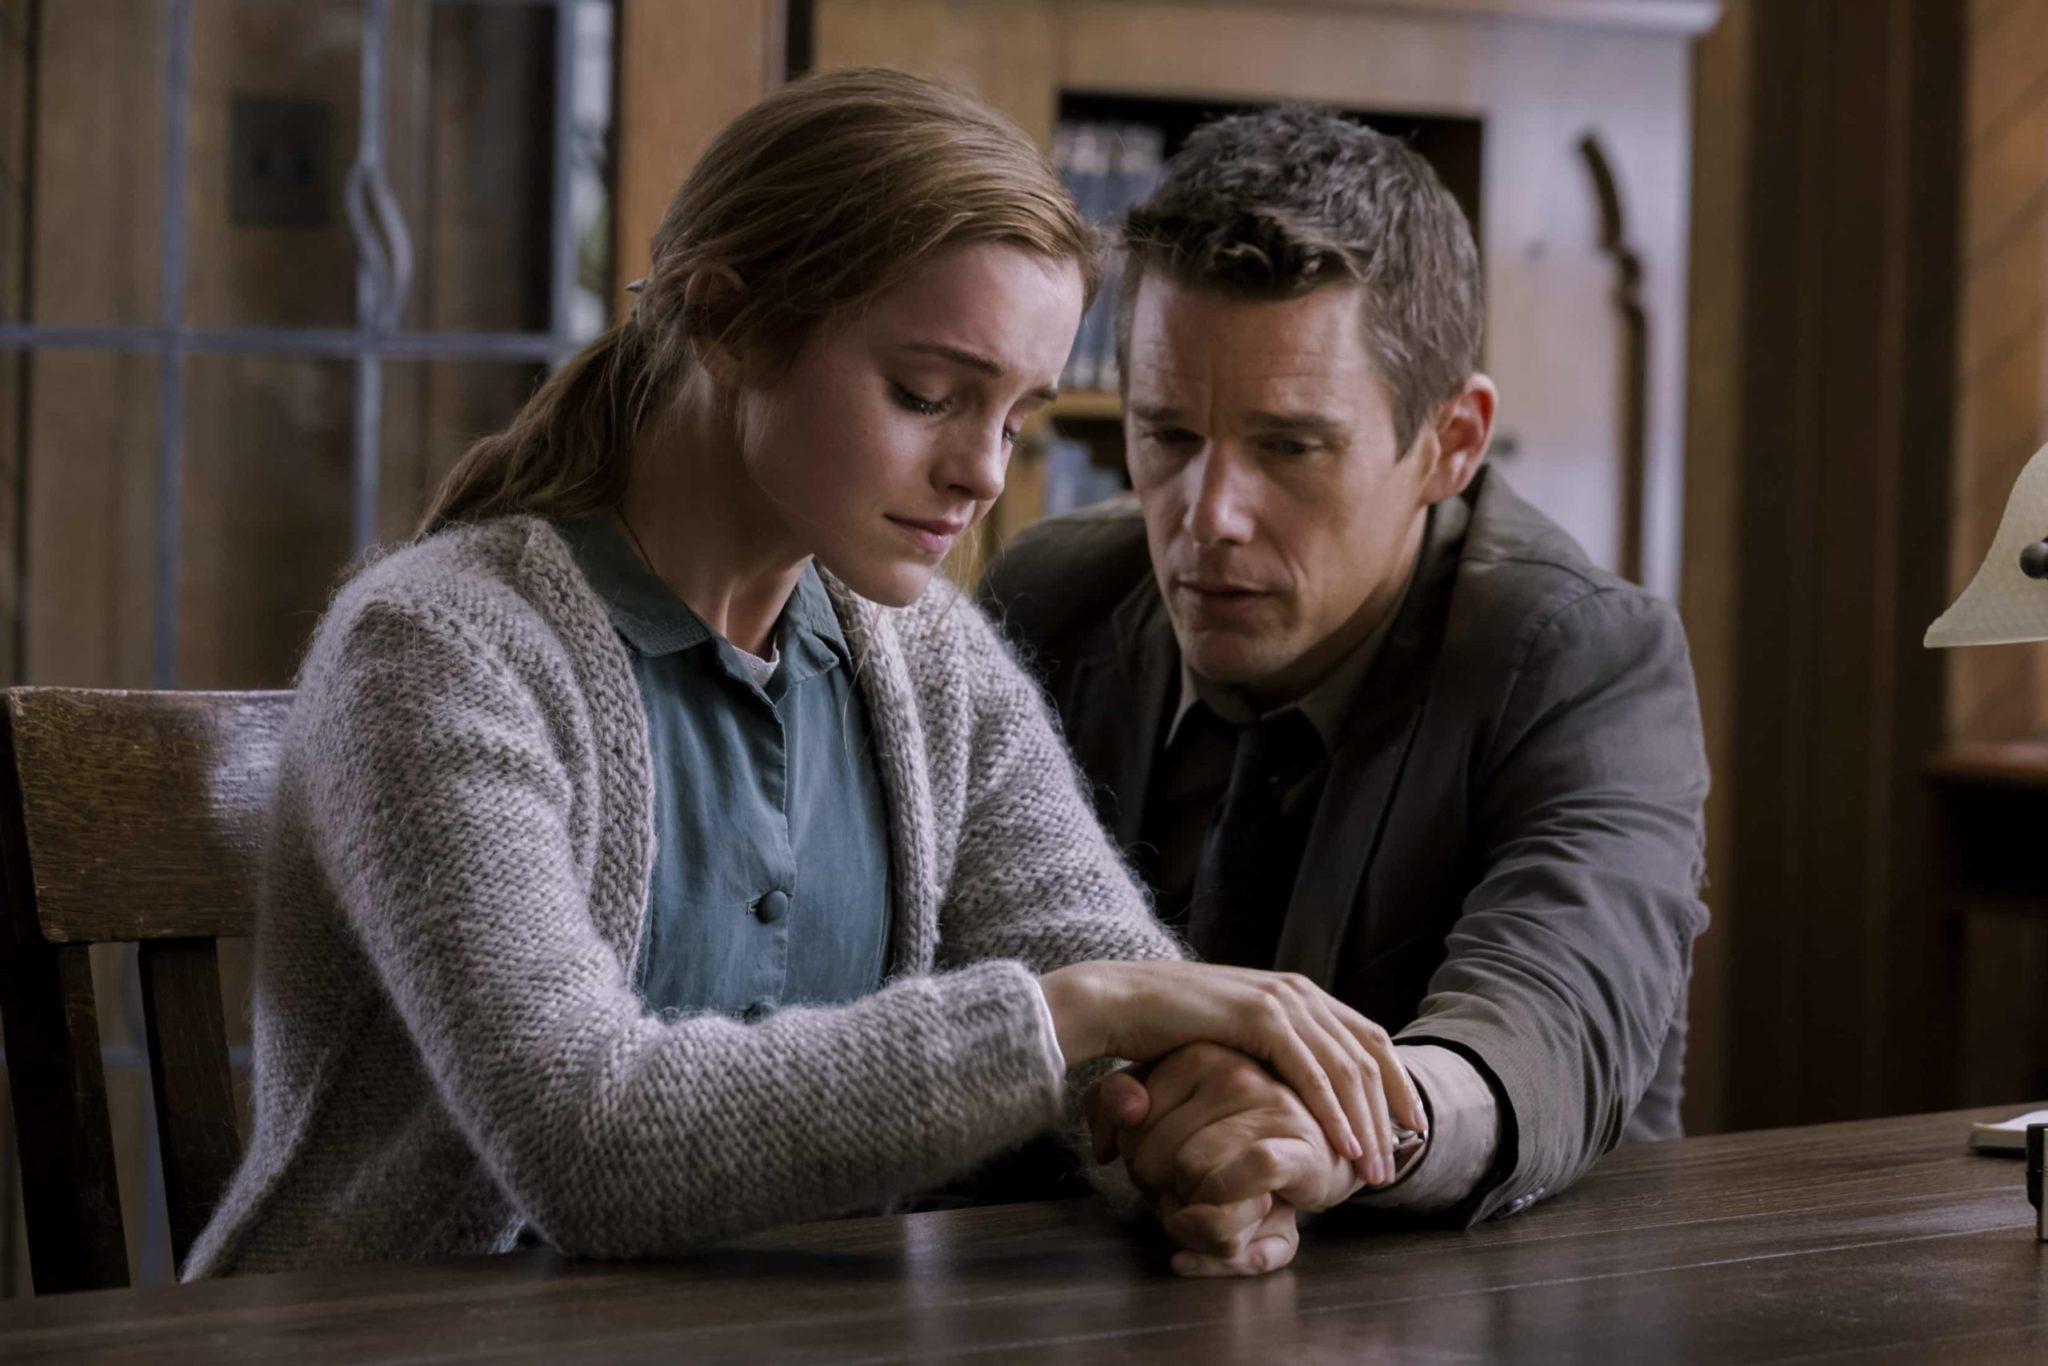 Emma Watson protagoniza junto a Ethan Hawke la cinta, 'Regresión'.